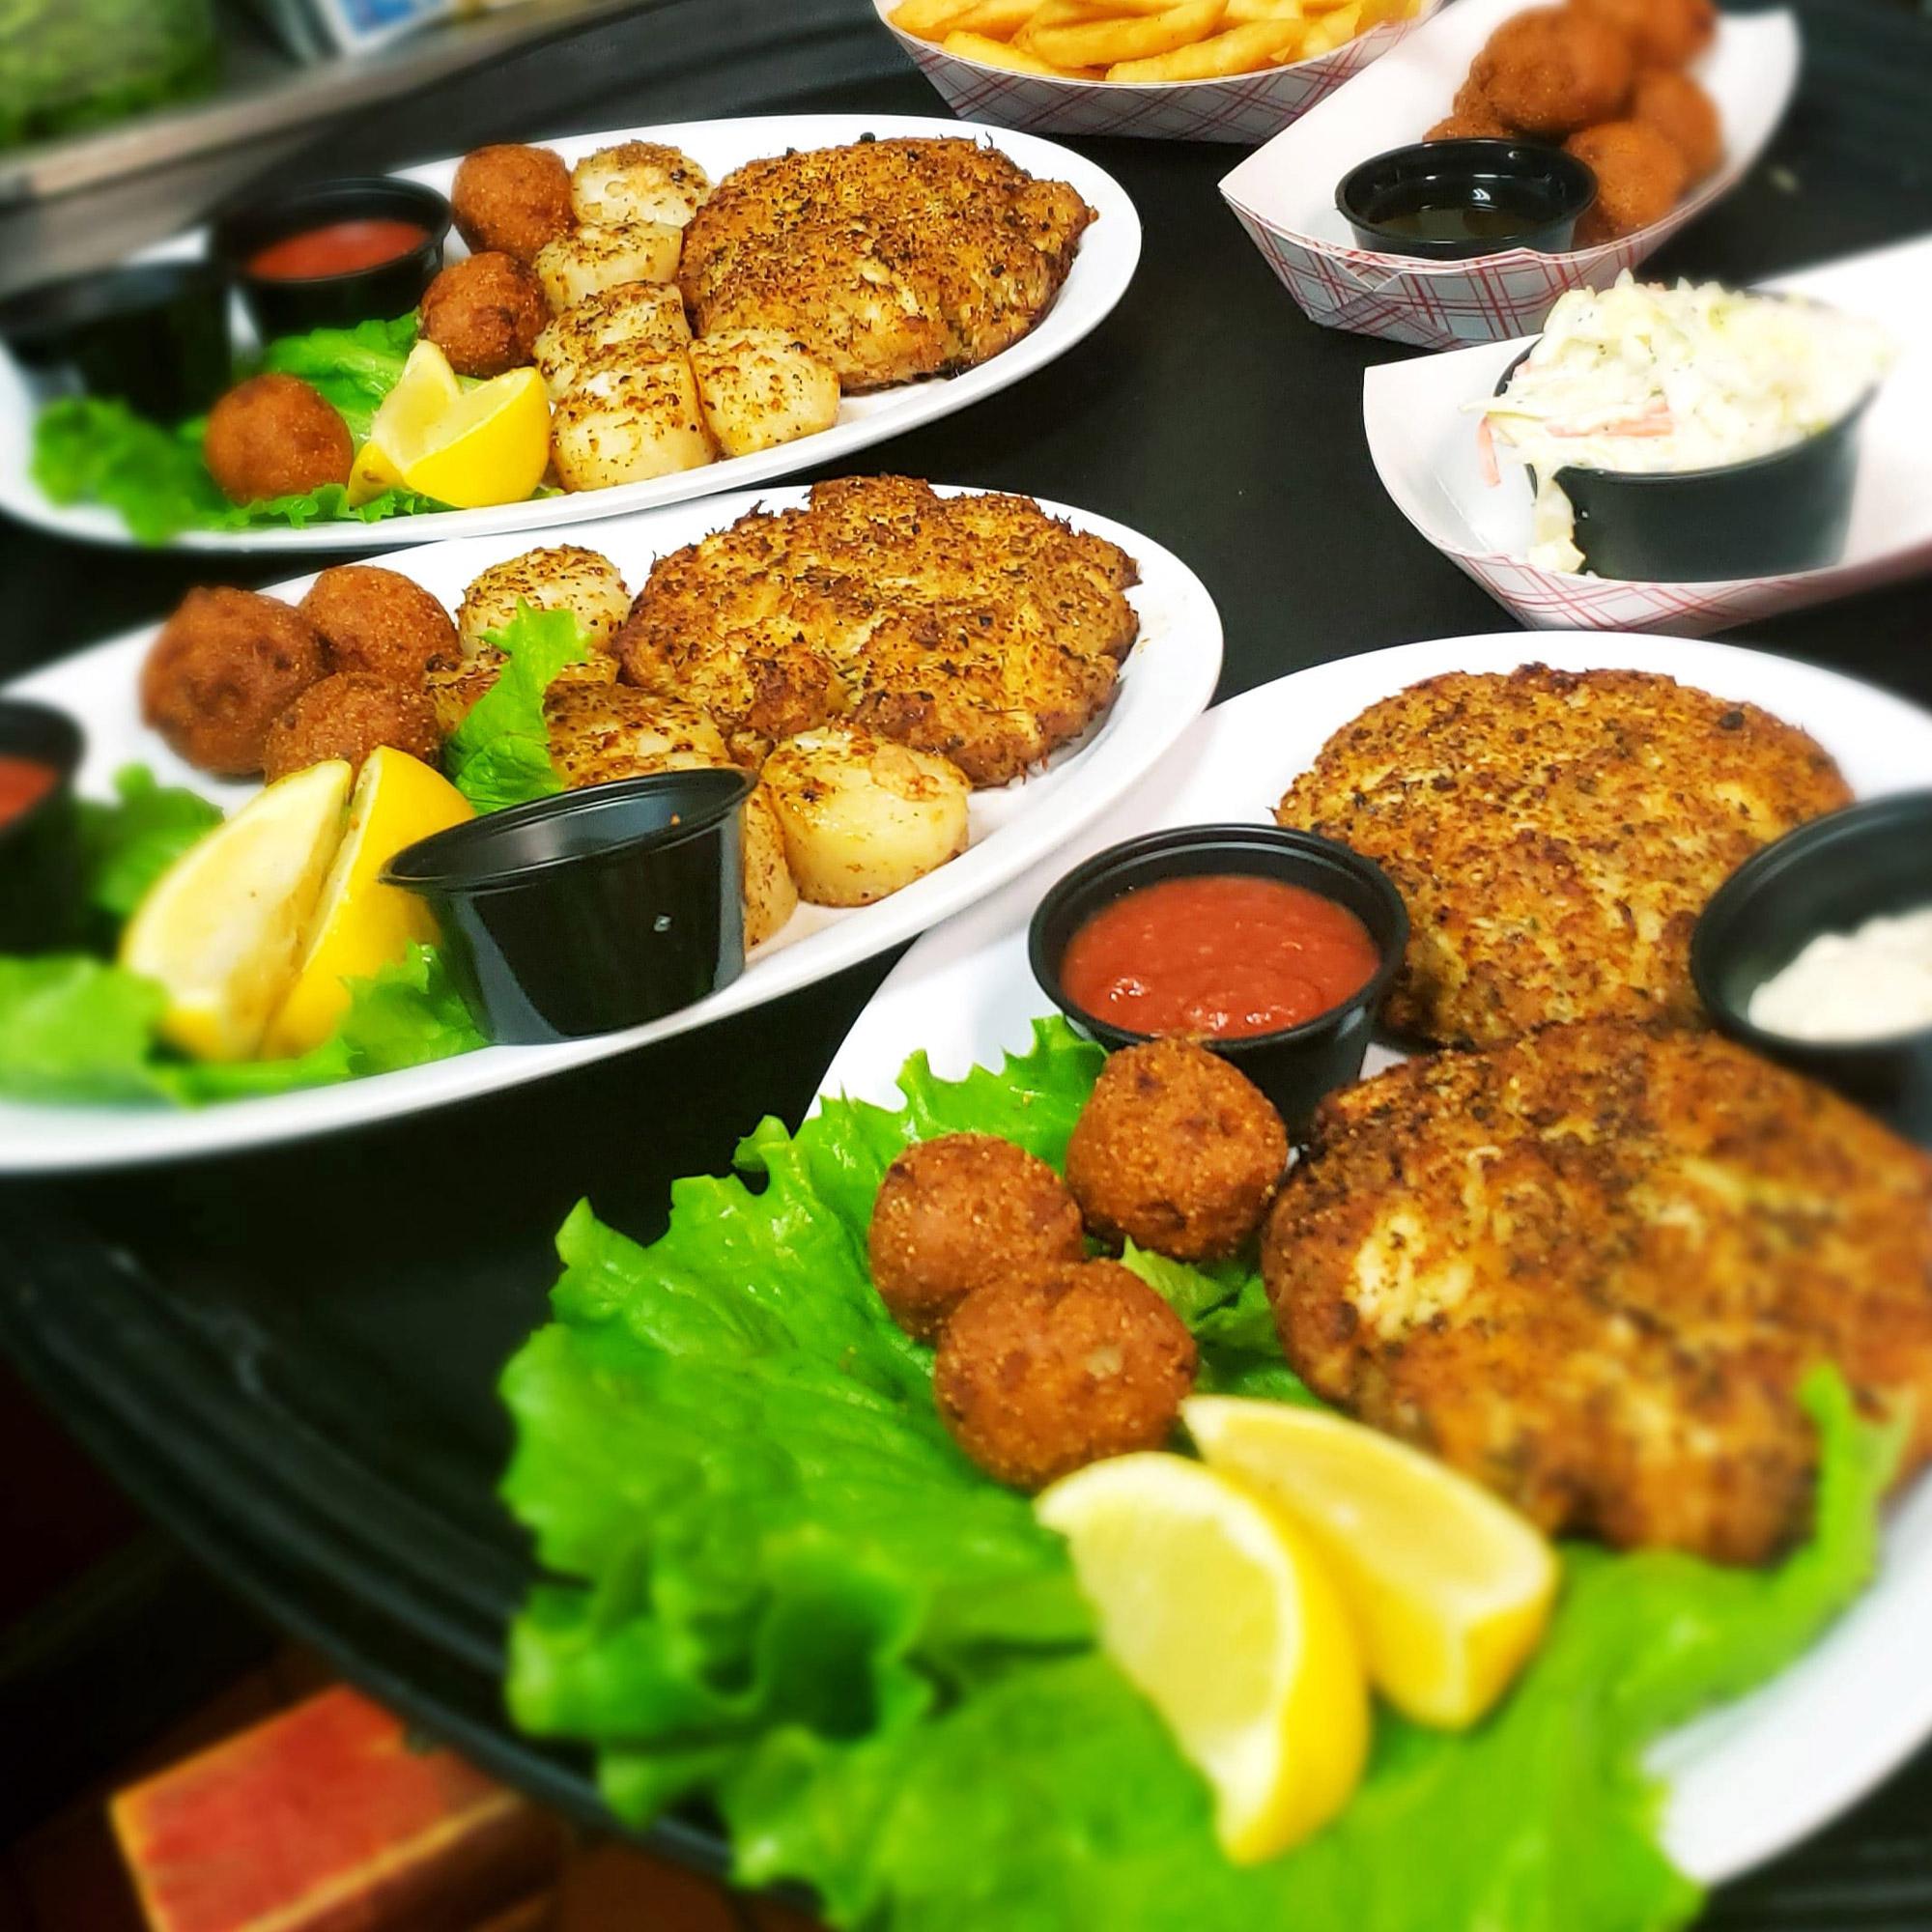 tims at lake anna seafood